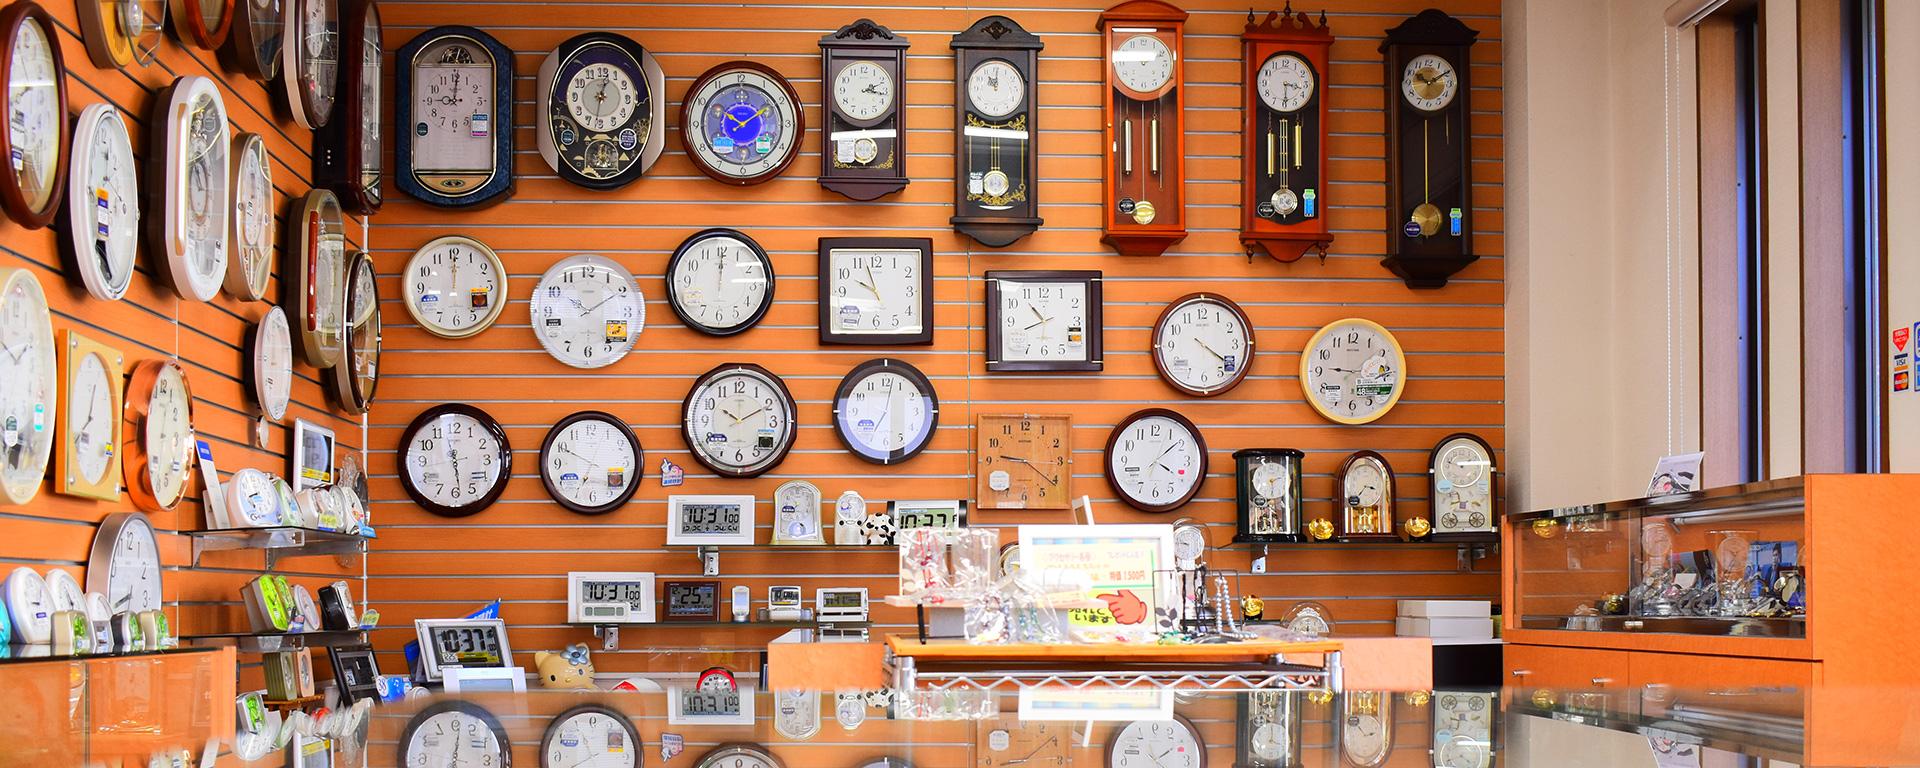 茂木時計店の店内